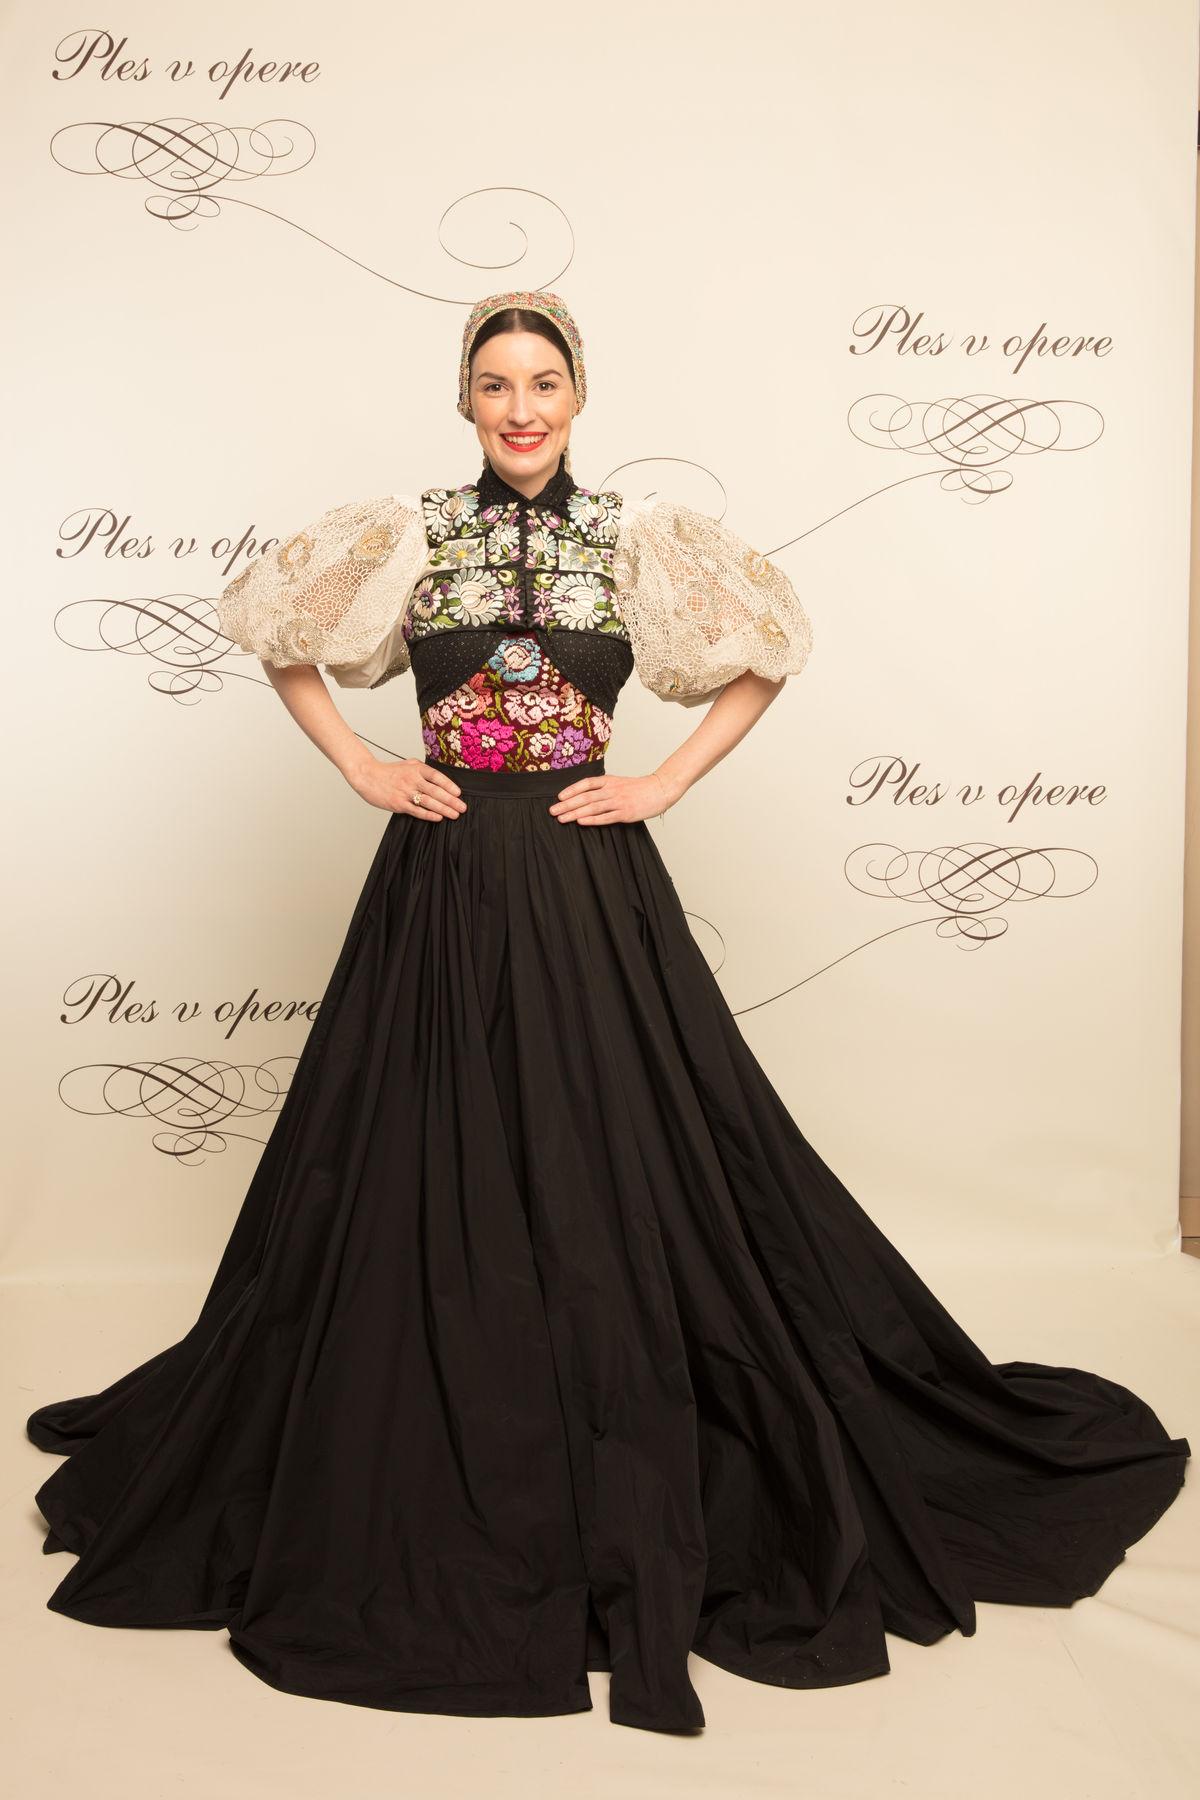 Spisovateľka Tamara Šimončíková Heribanová si obliekla tradičný kroj, ktorý doplnila sukňa od Lukáša Kimličku.